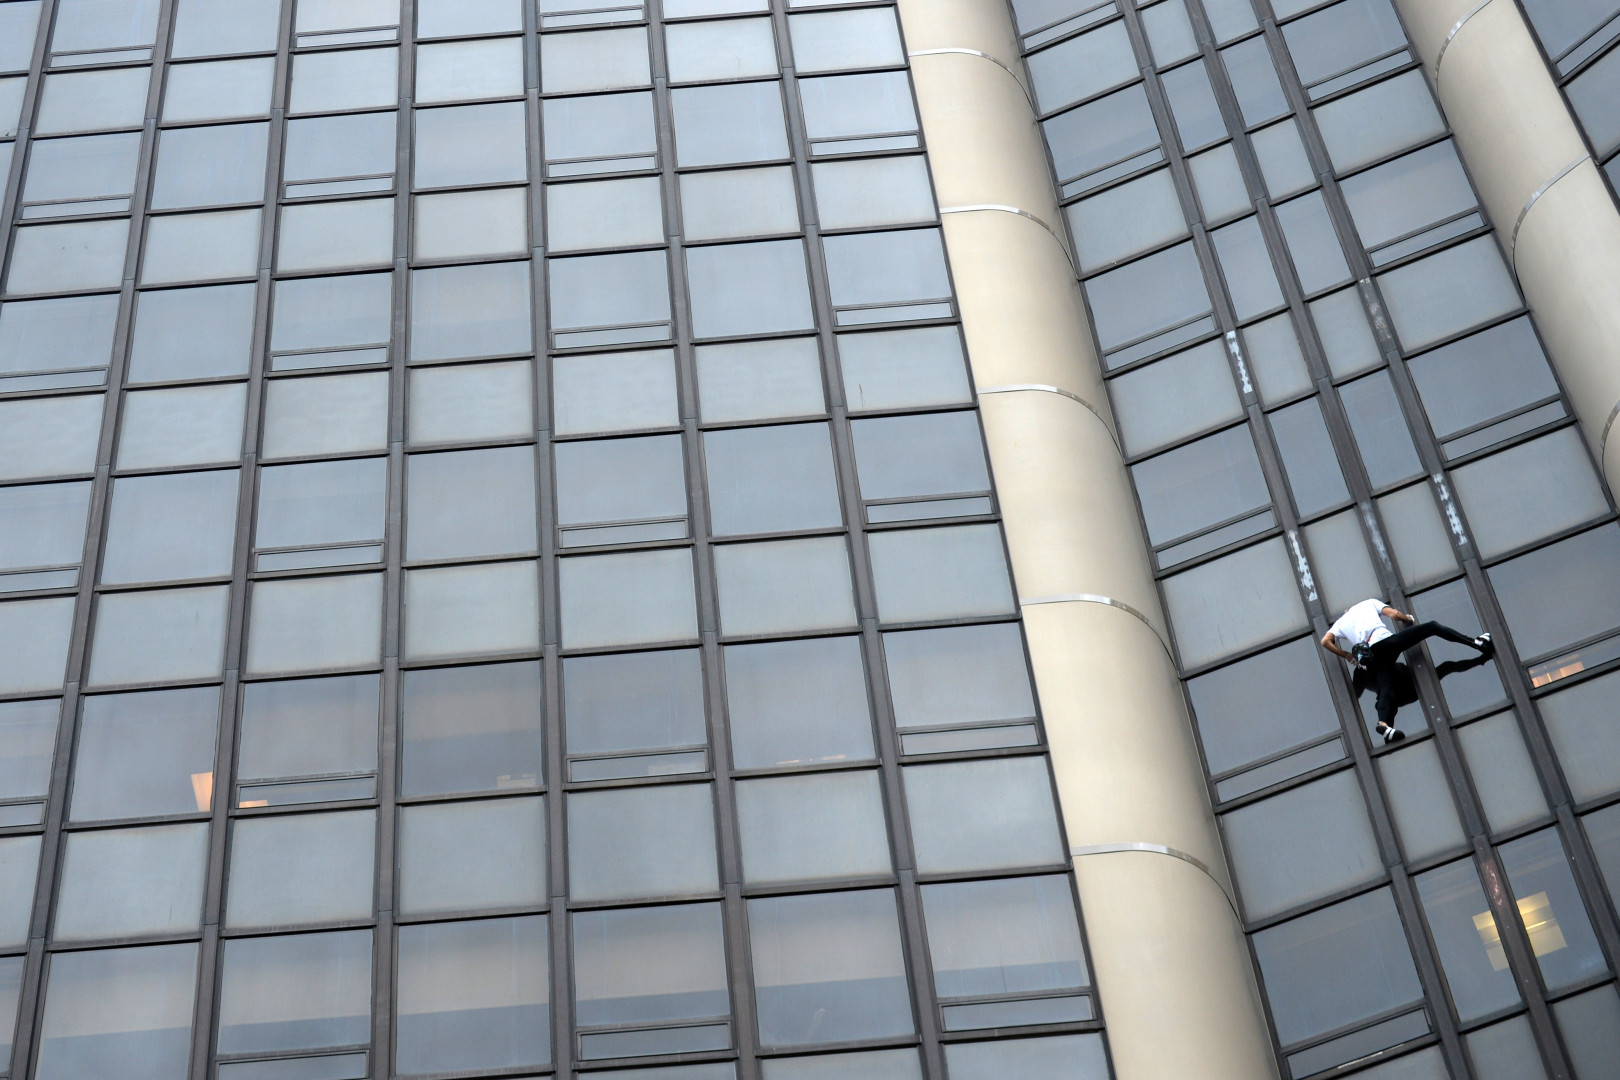 Alain Robert grimpe à mains nues et sans harnais la tour Montparnasse.